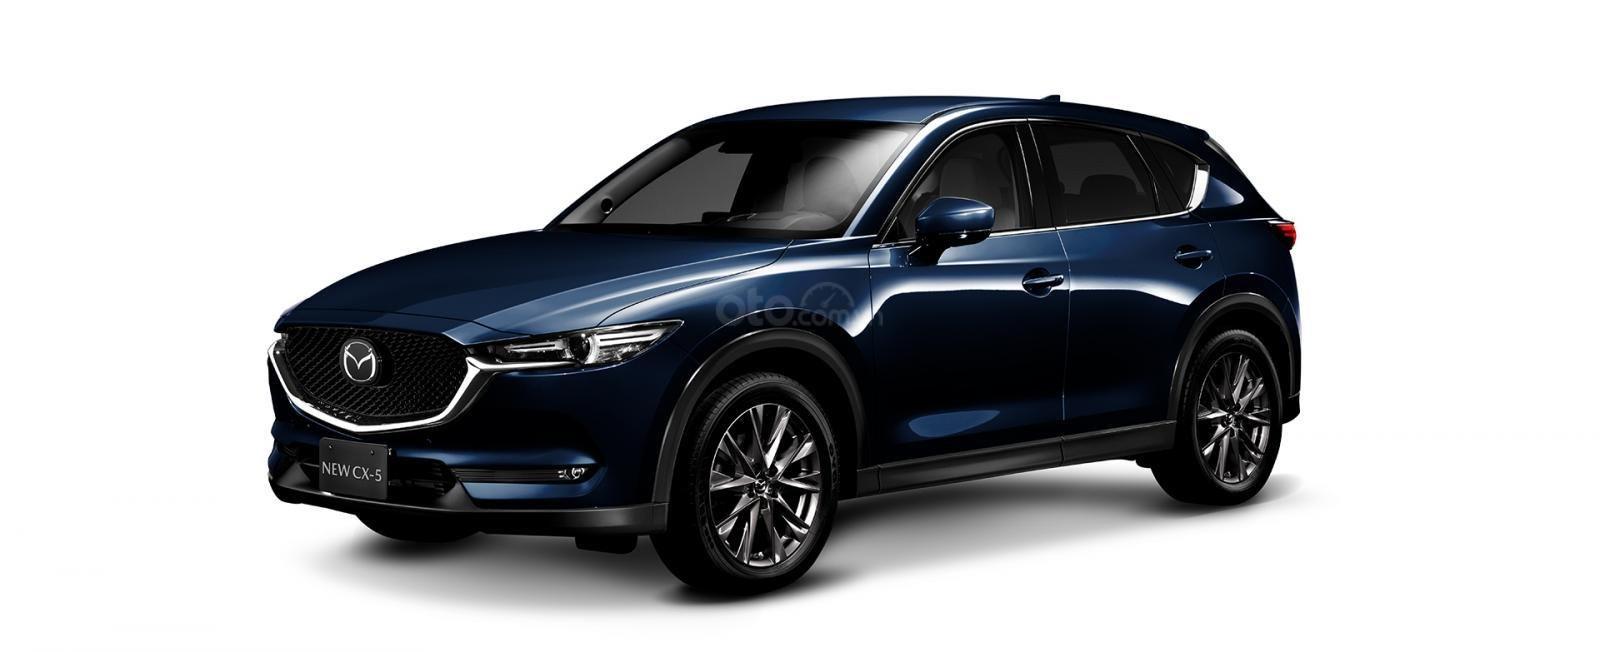 Đánh giá xe Mazda CX-5 2019: Màu Xanh.